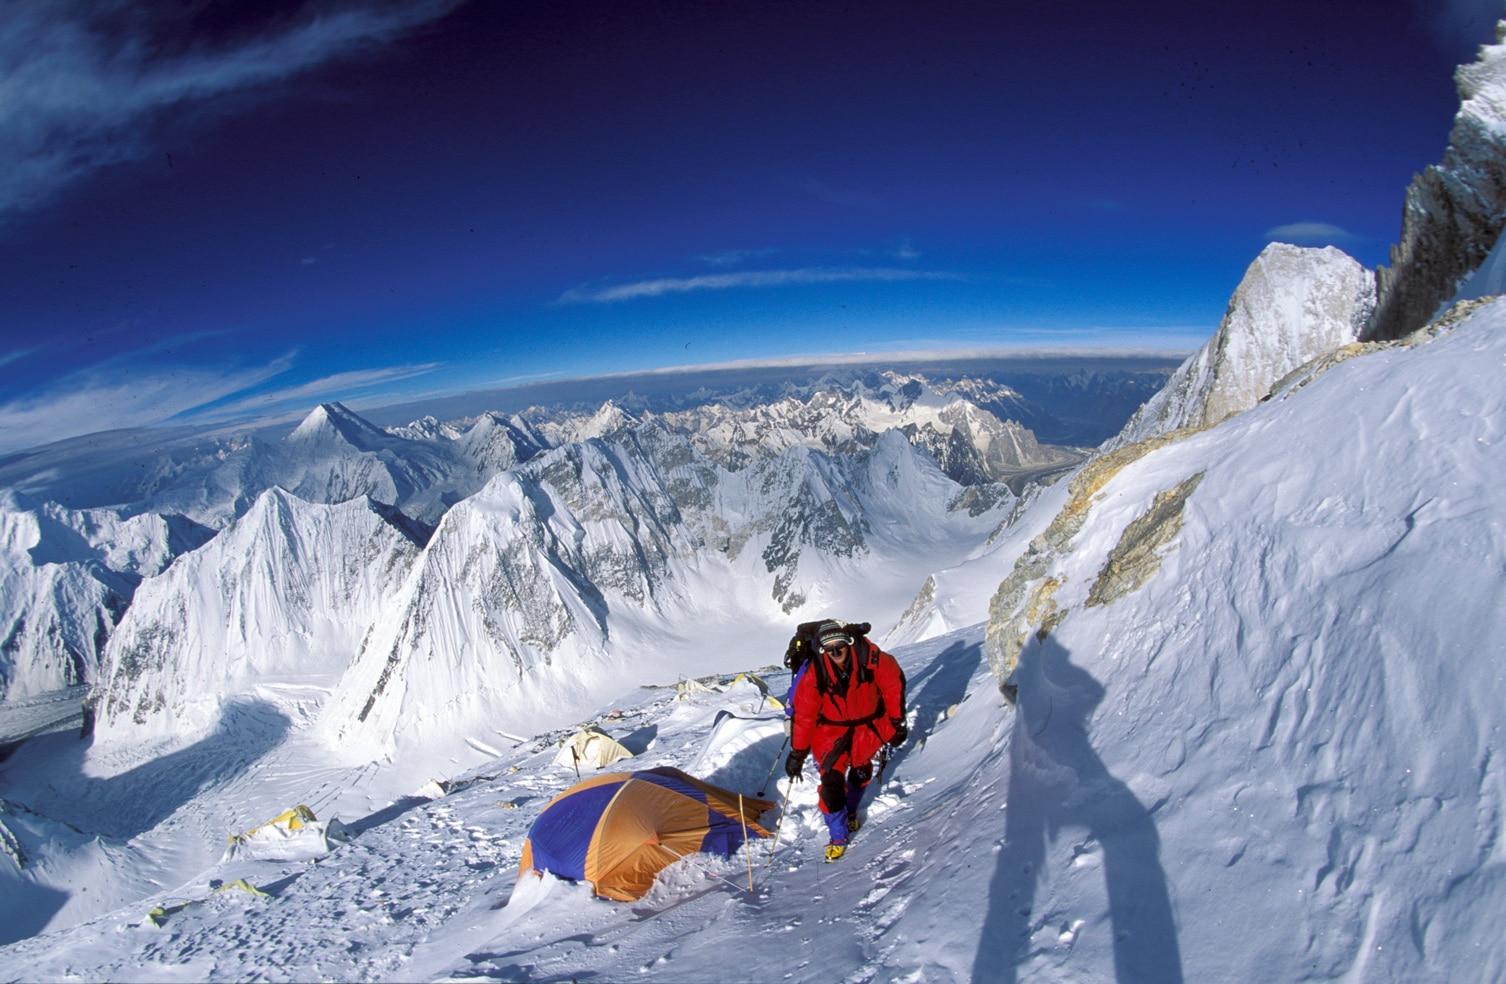 Klettergurt Für Gletscher : Mit kindern am gletscher: 4 tipps vom profi bergwelten